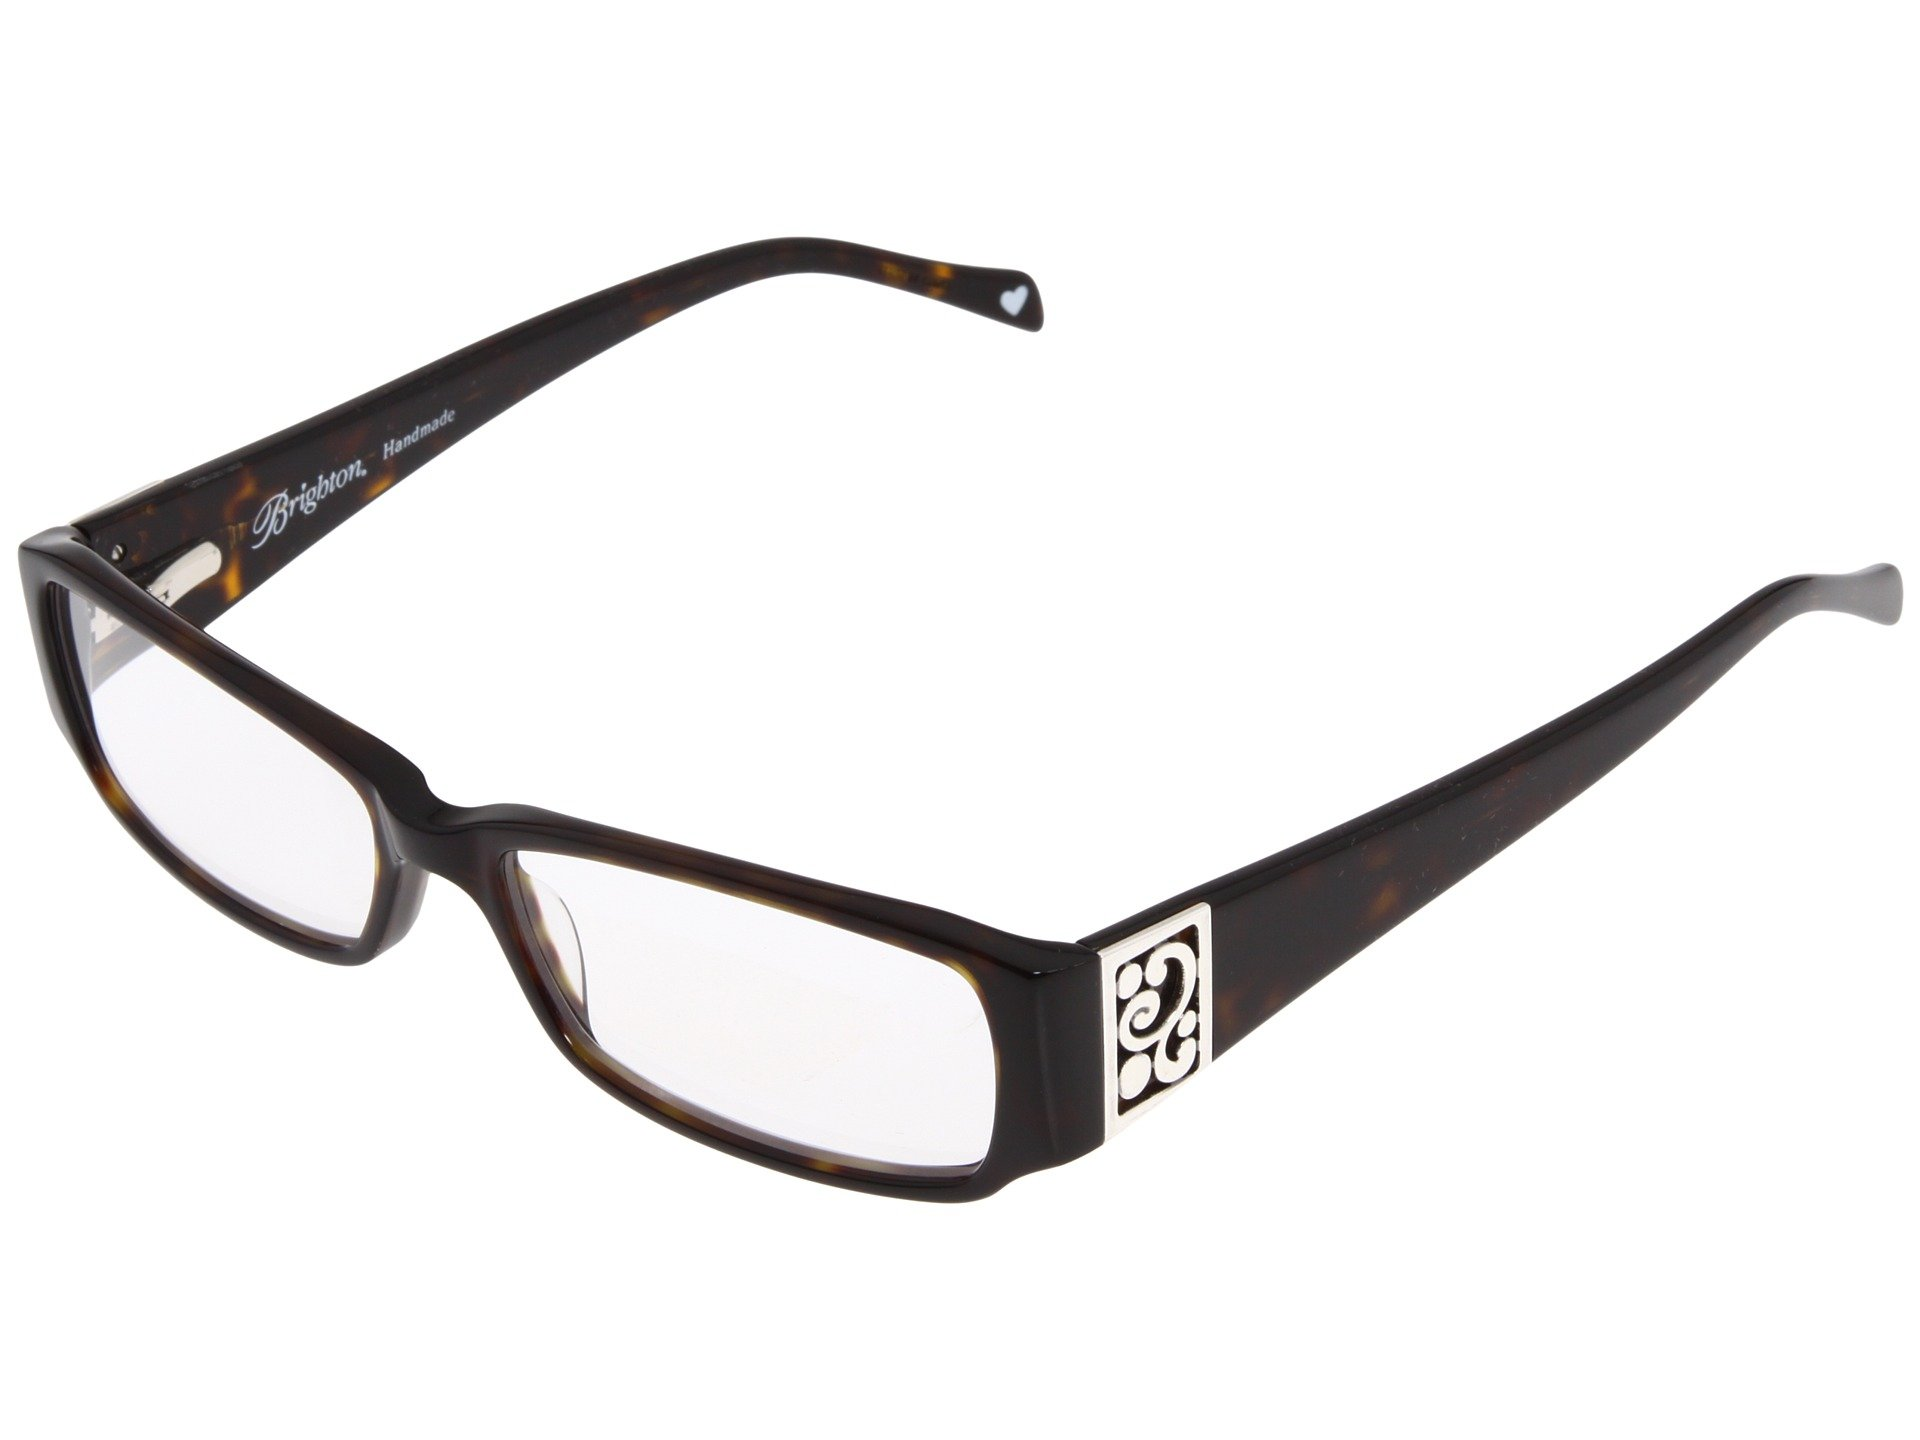 57db44eca3 Women s Brighton Eyewear + FREE SHIPPING